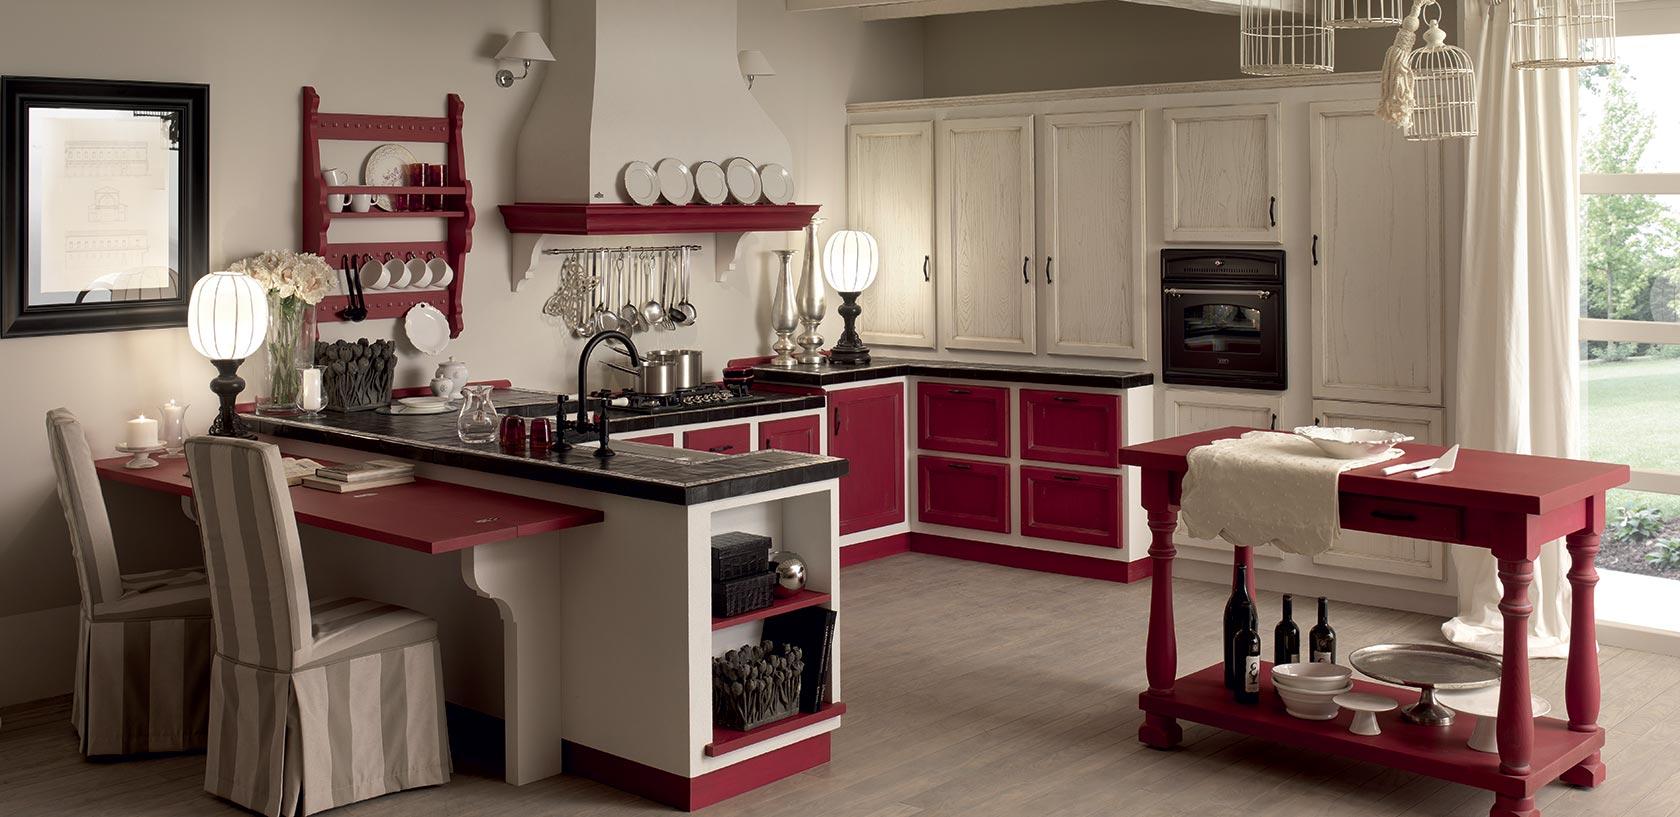 Cucine Componibili In Muratura. Cucine Moderne With Cucine ...